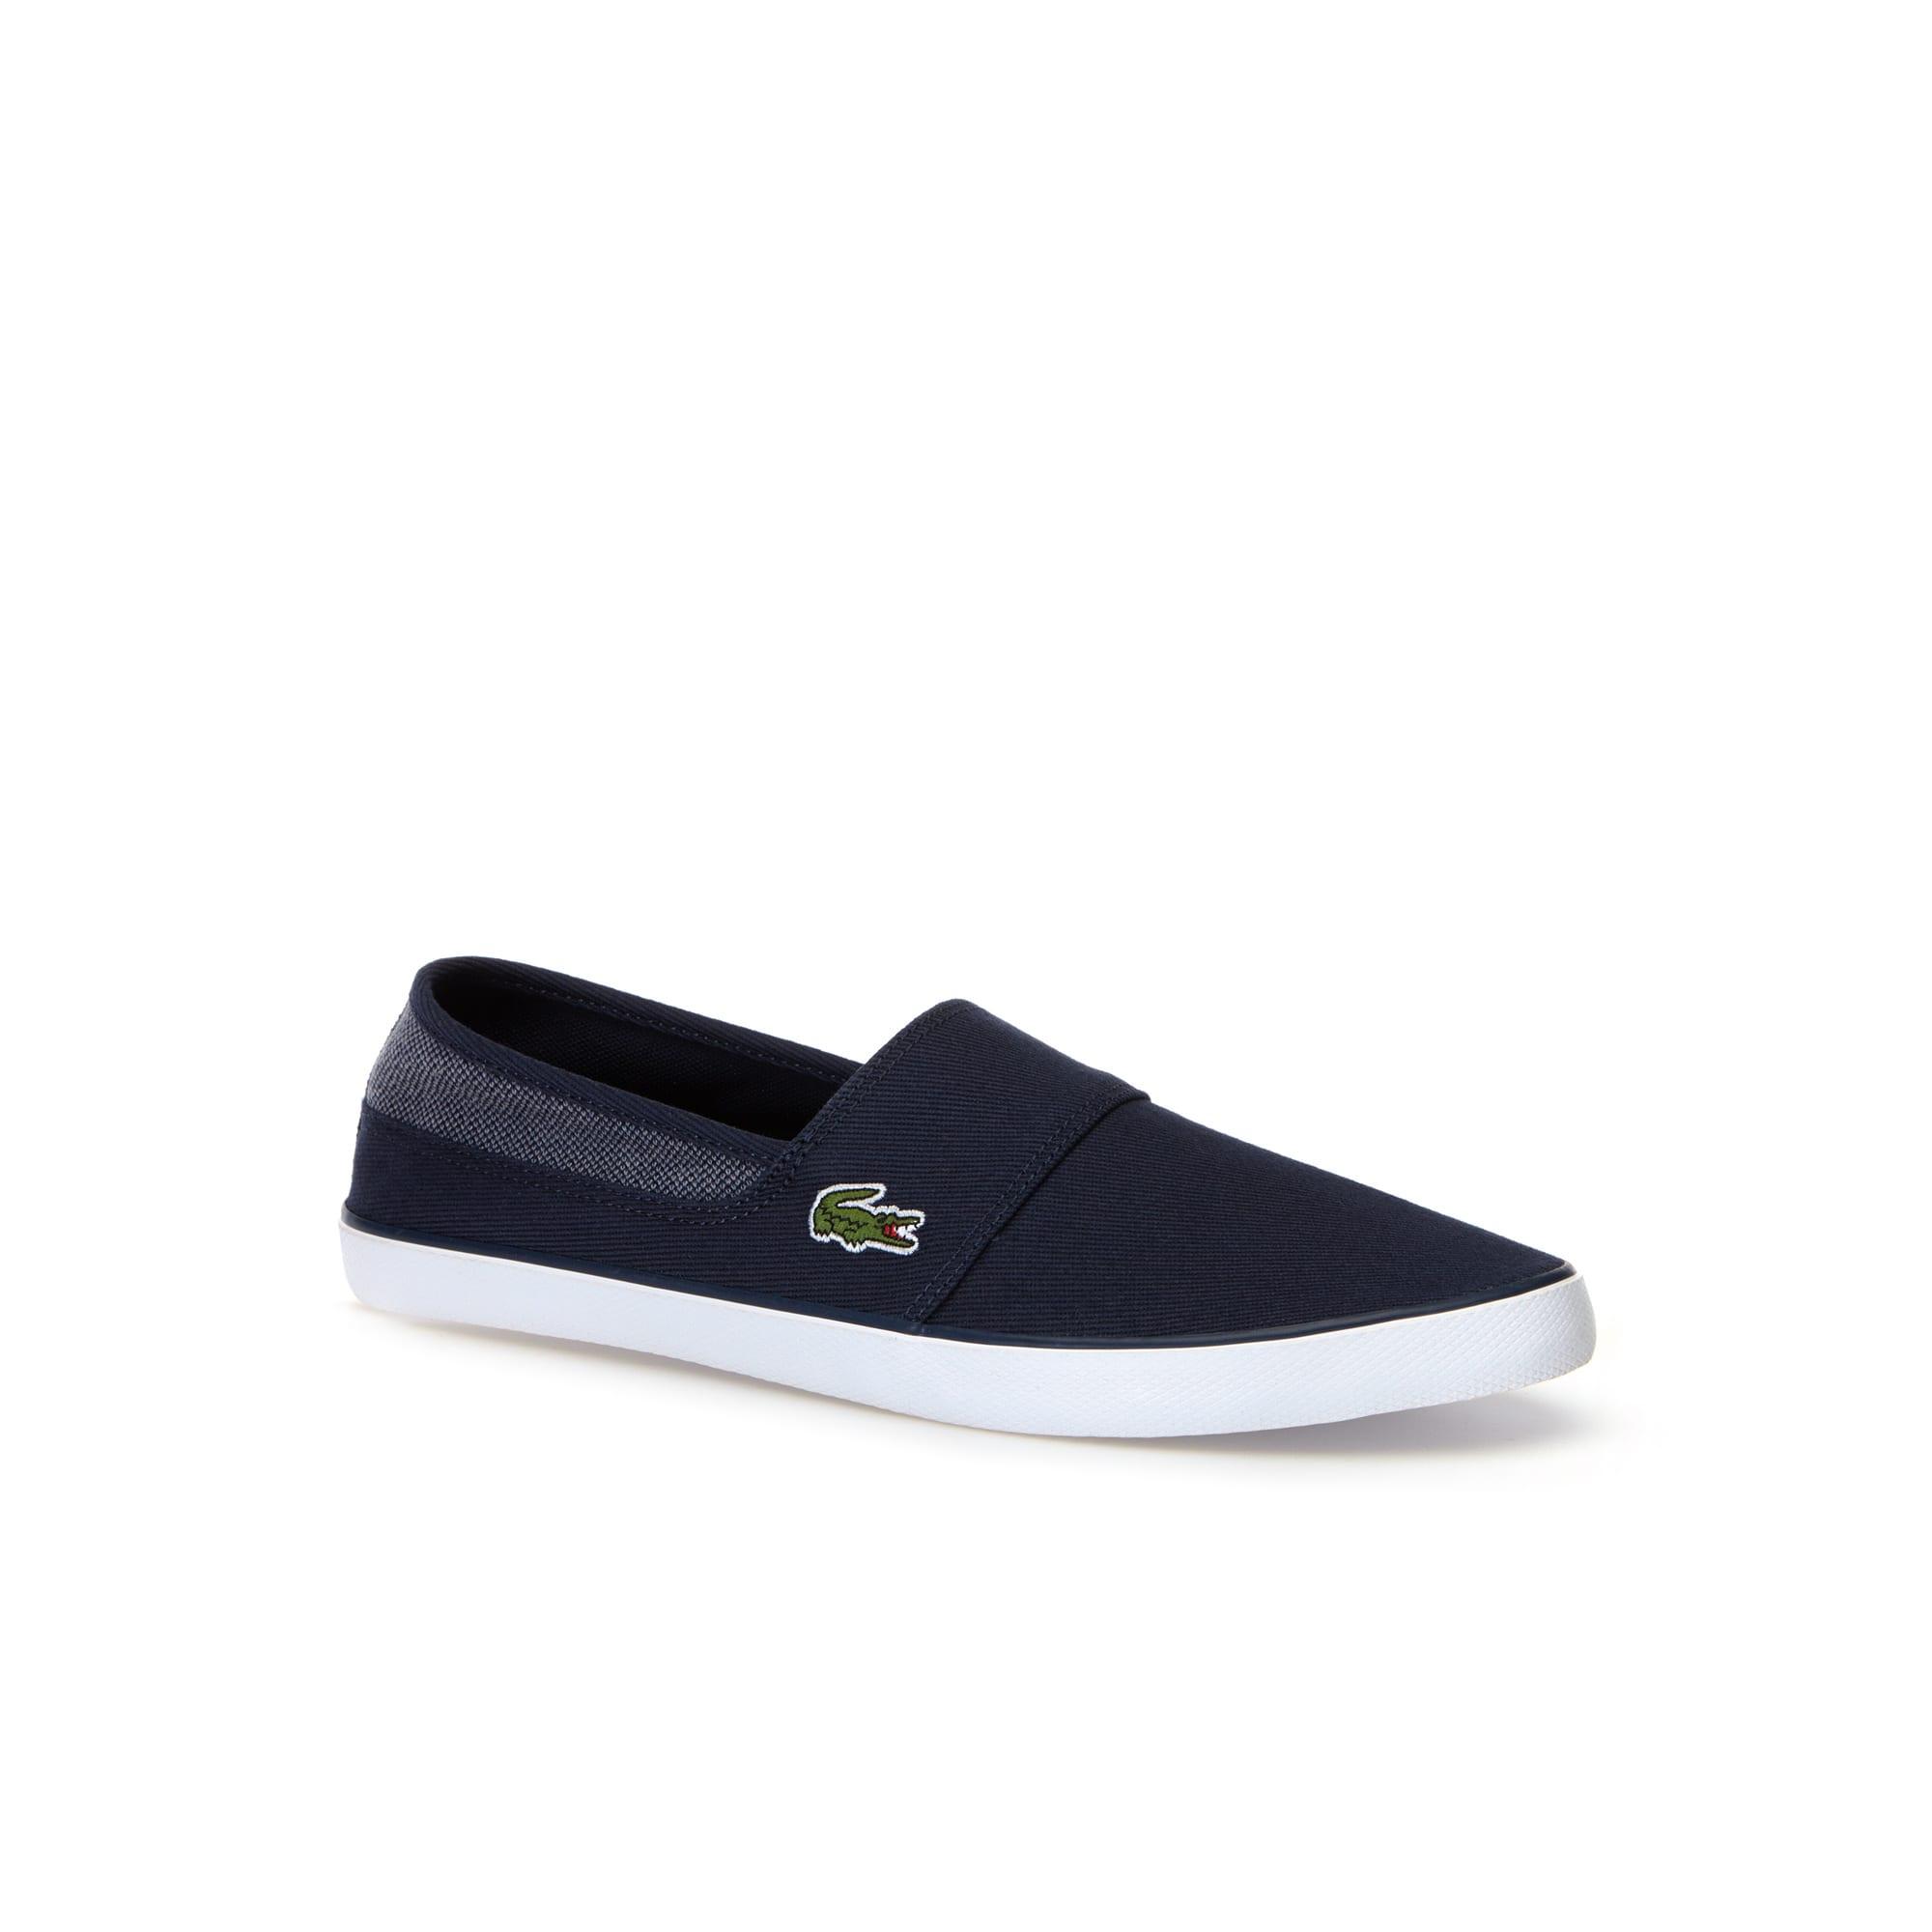 Sneakers senza stringhe da uomo Marice in tela di twill